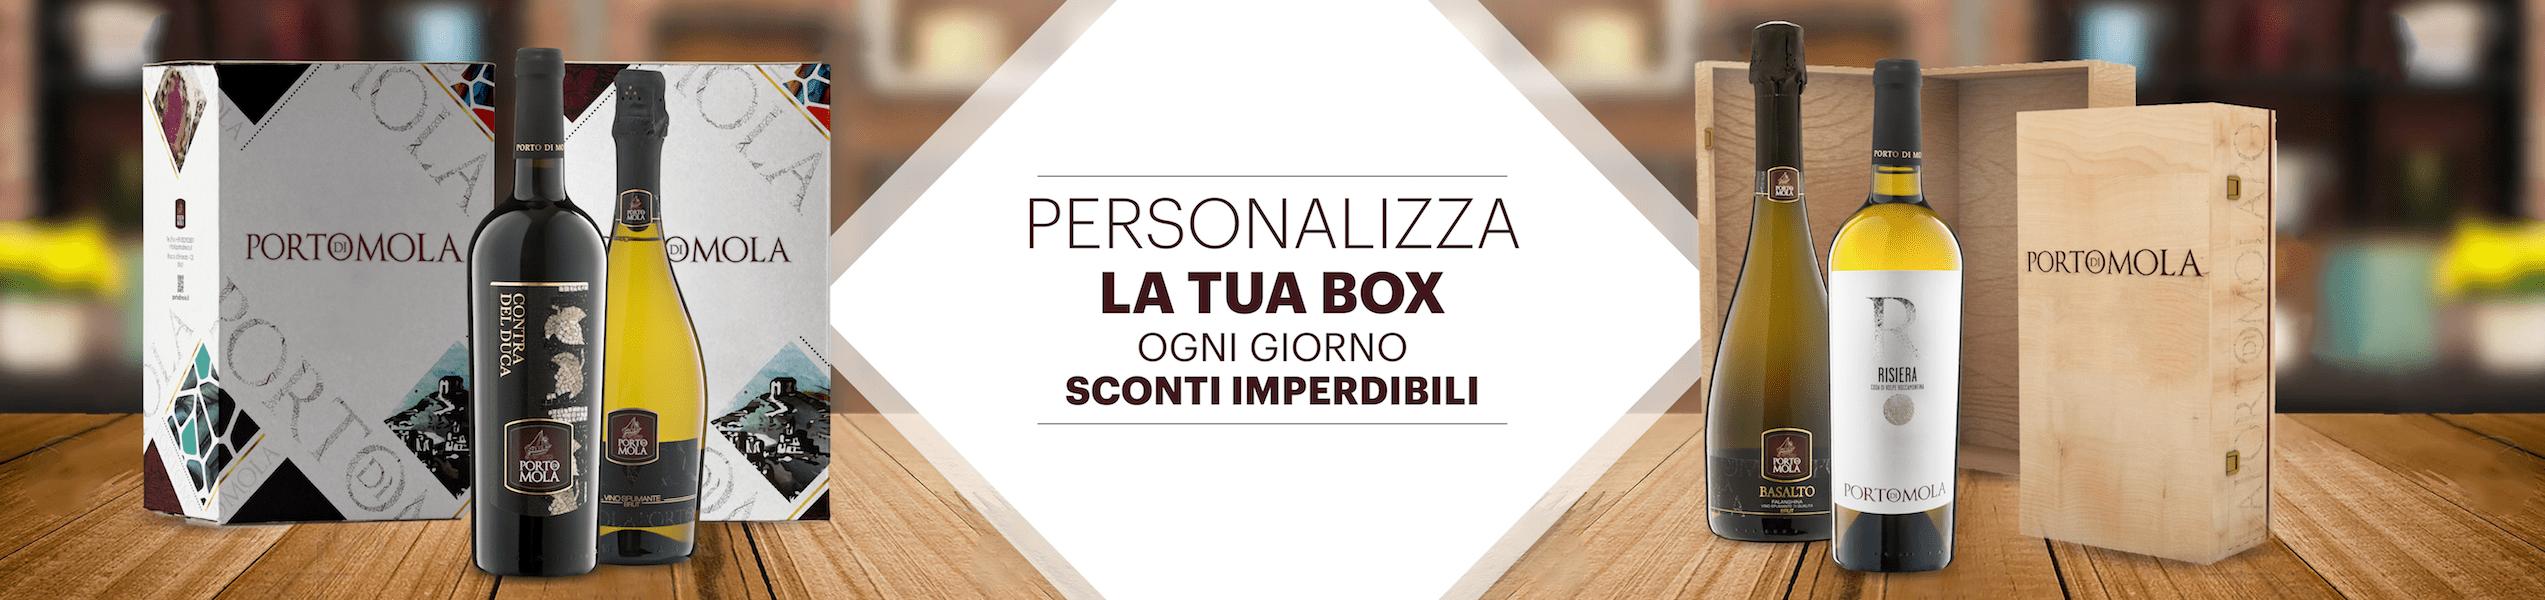 Personalizza La Tua Box - Scegli I Vini Che Ti Piacciono e Componi La Confezione